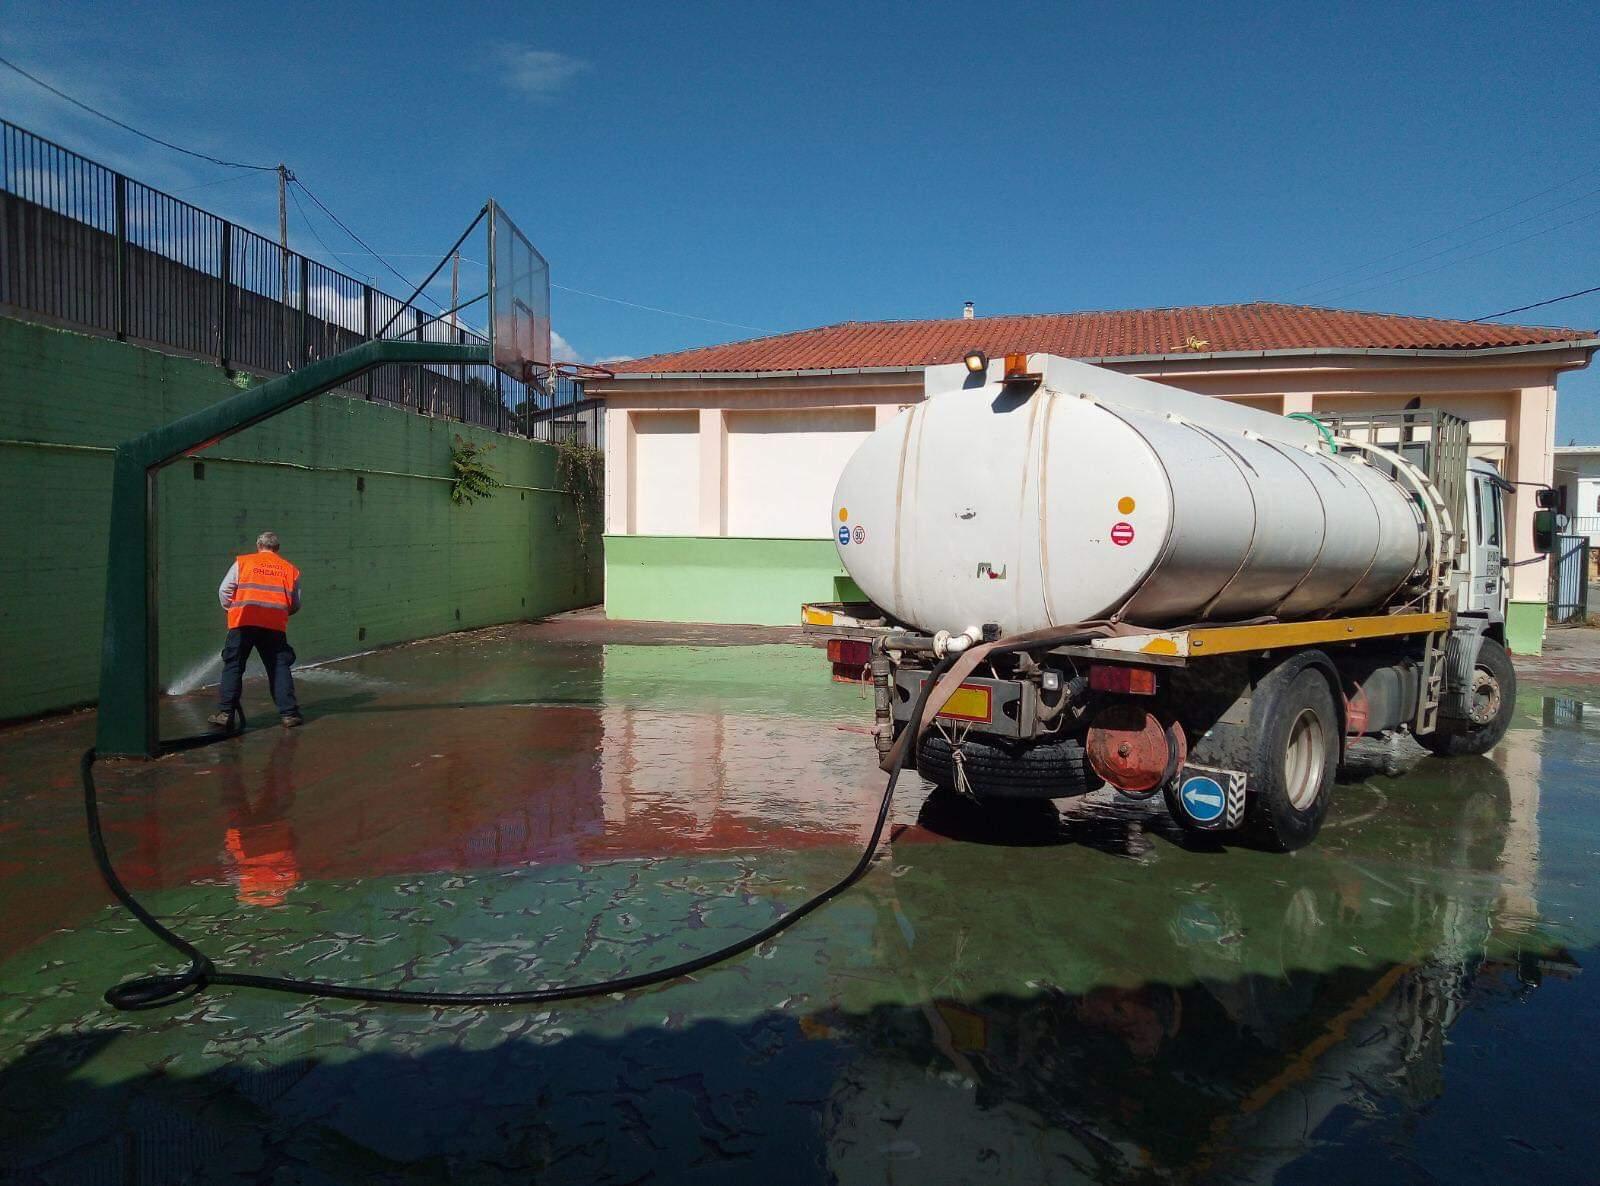 Δήμος Θηβαίων: Ενέργειες καθαριότητας Σχολικών Μονάδων Πρωτοβάθμιας Εκπαίδευσης